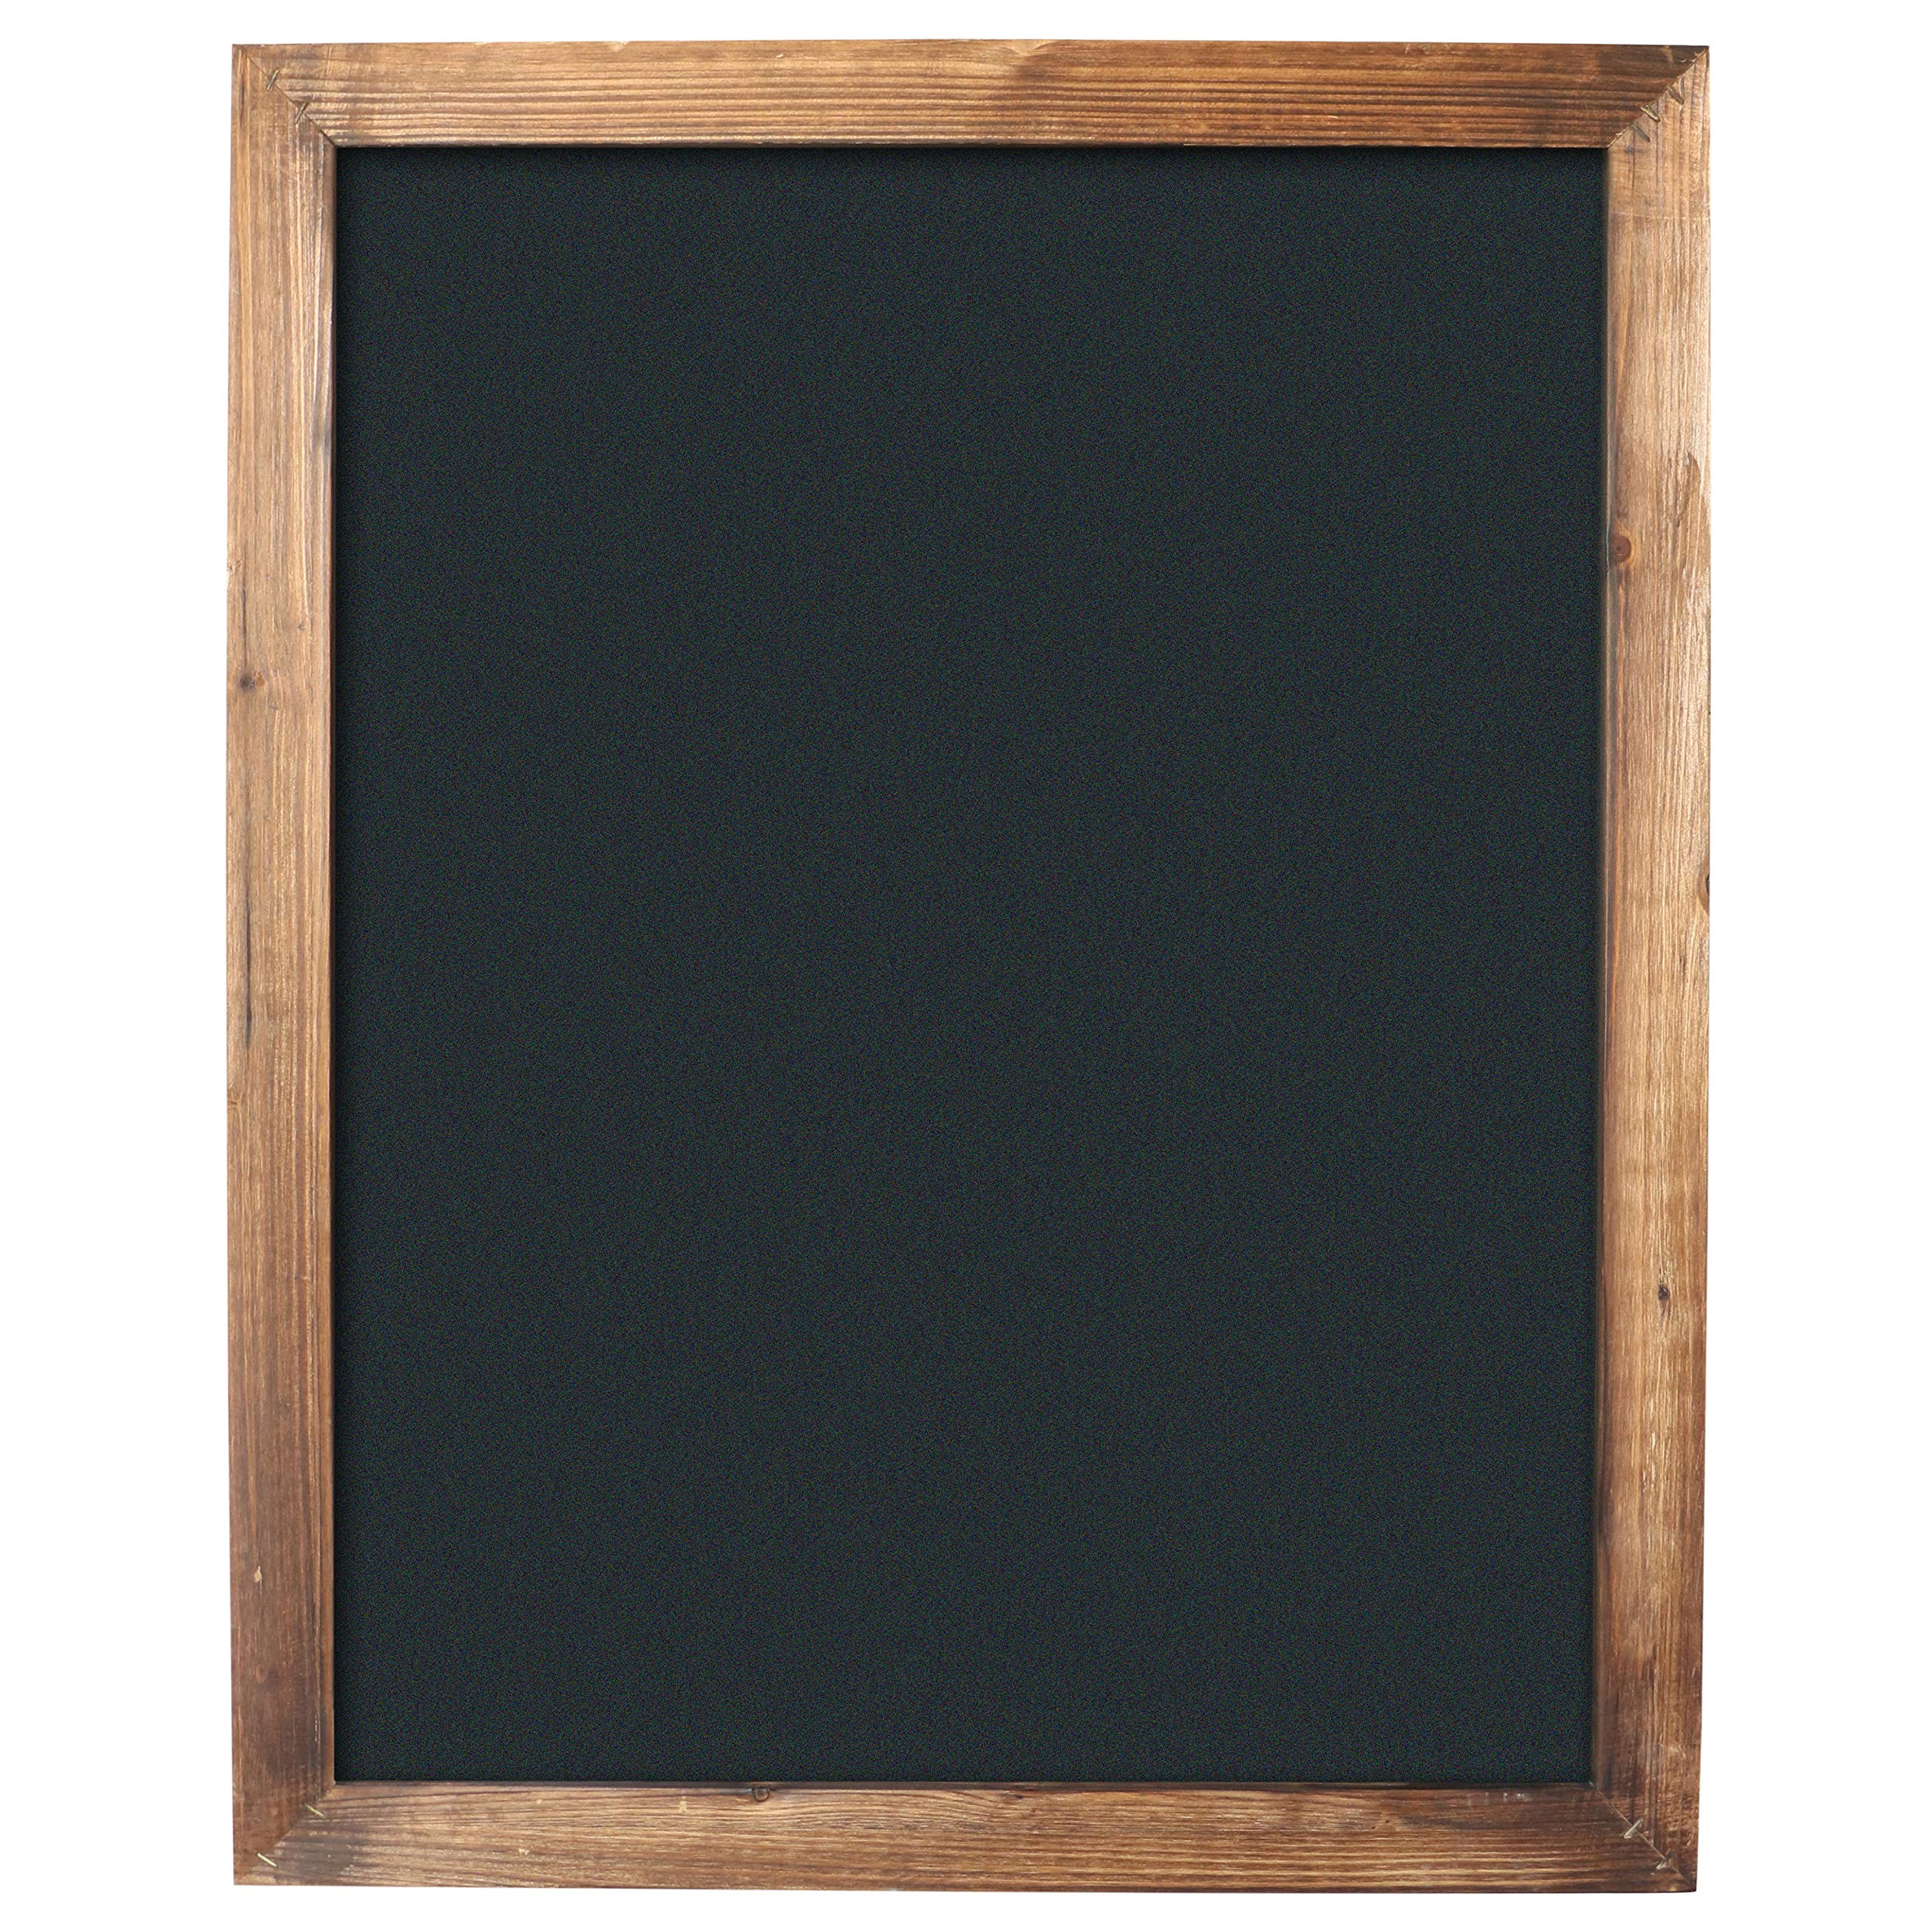 """Barnyard Designs Torched Wood Framed Chalkboard Display Sign Rustic Vintage Decor for Home Kitchen Restaurant Bar Cafe Wedding 30"""" x 24"""""""